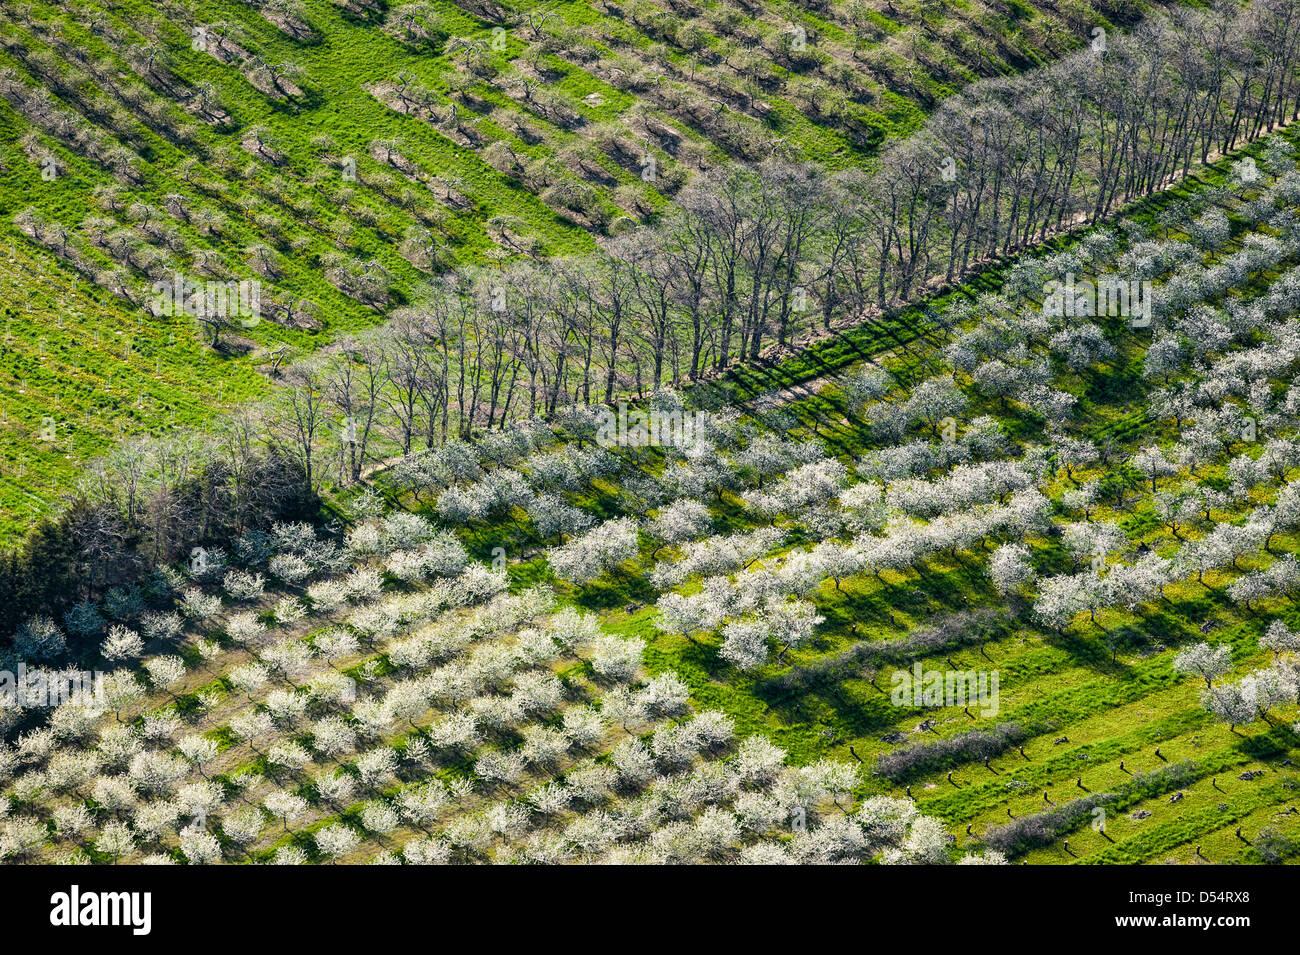 Luftaufnahme von Cherry Orchard Spring Blossoms in Mason County, Michigan, USA. Fotografie von Jeffrey Wickett, NorthLight Fotografie. Stockfoto